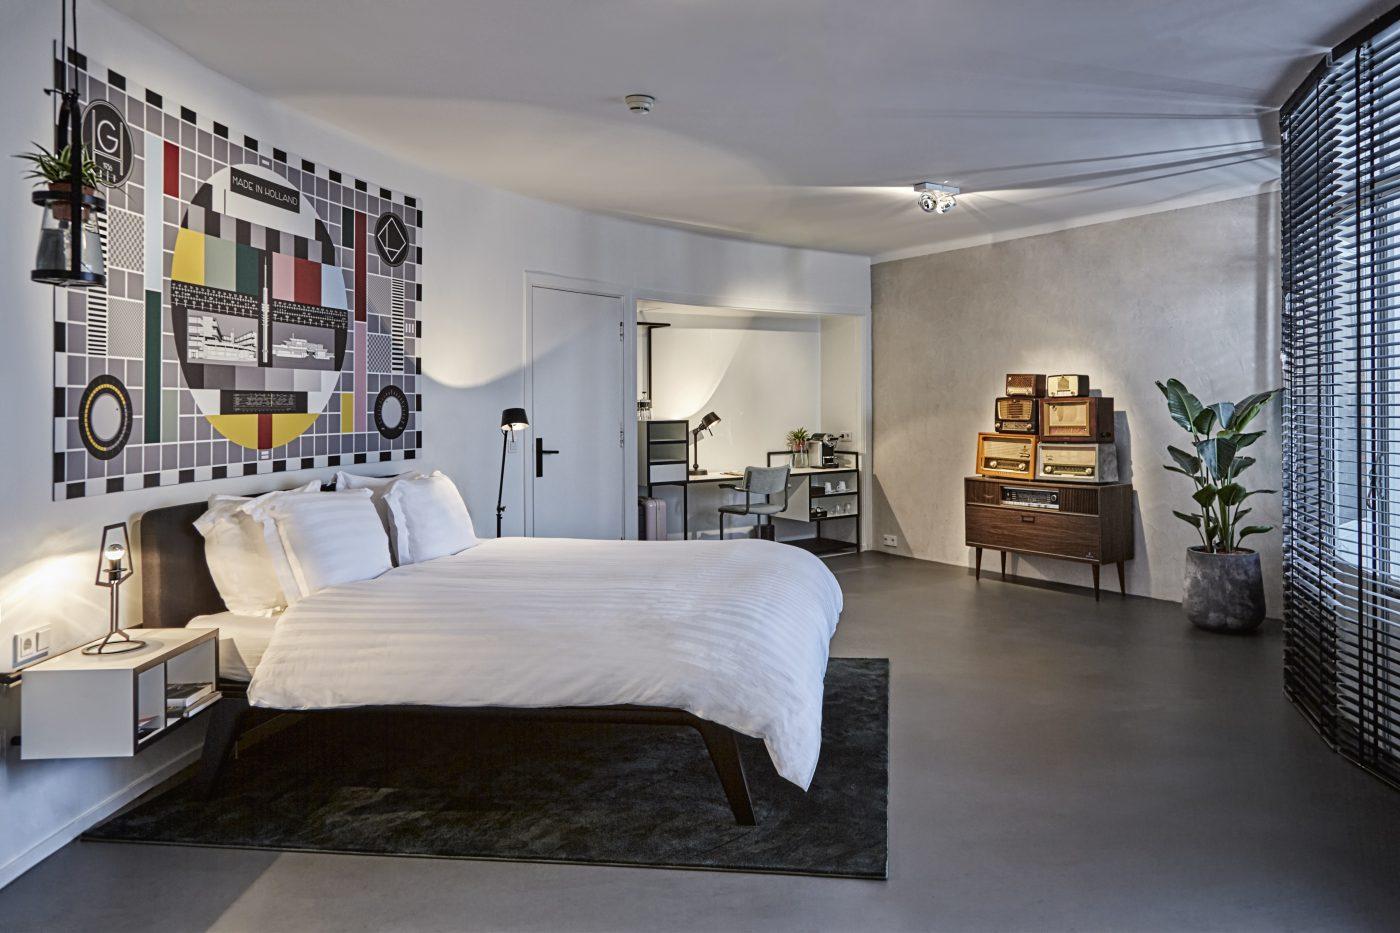 Hotelkamer Gooiland